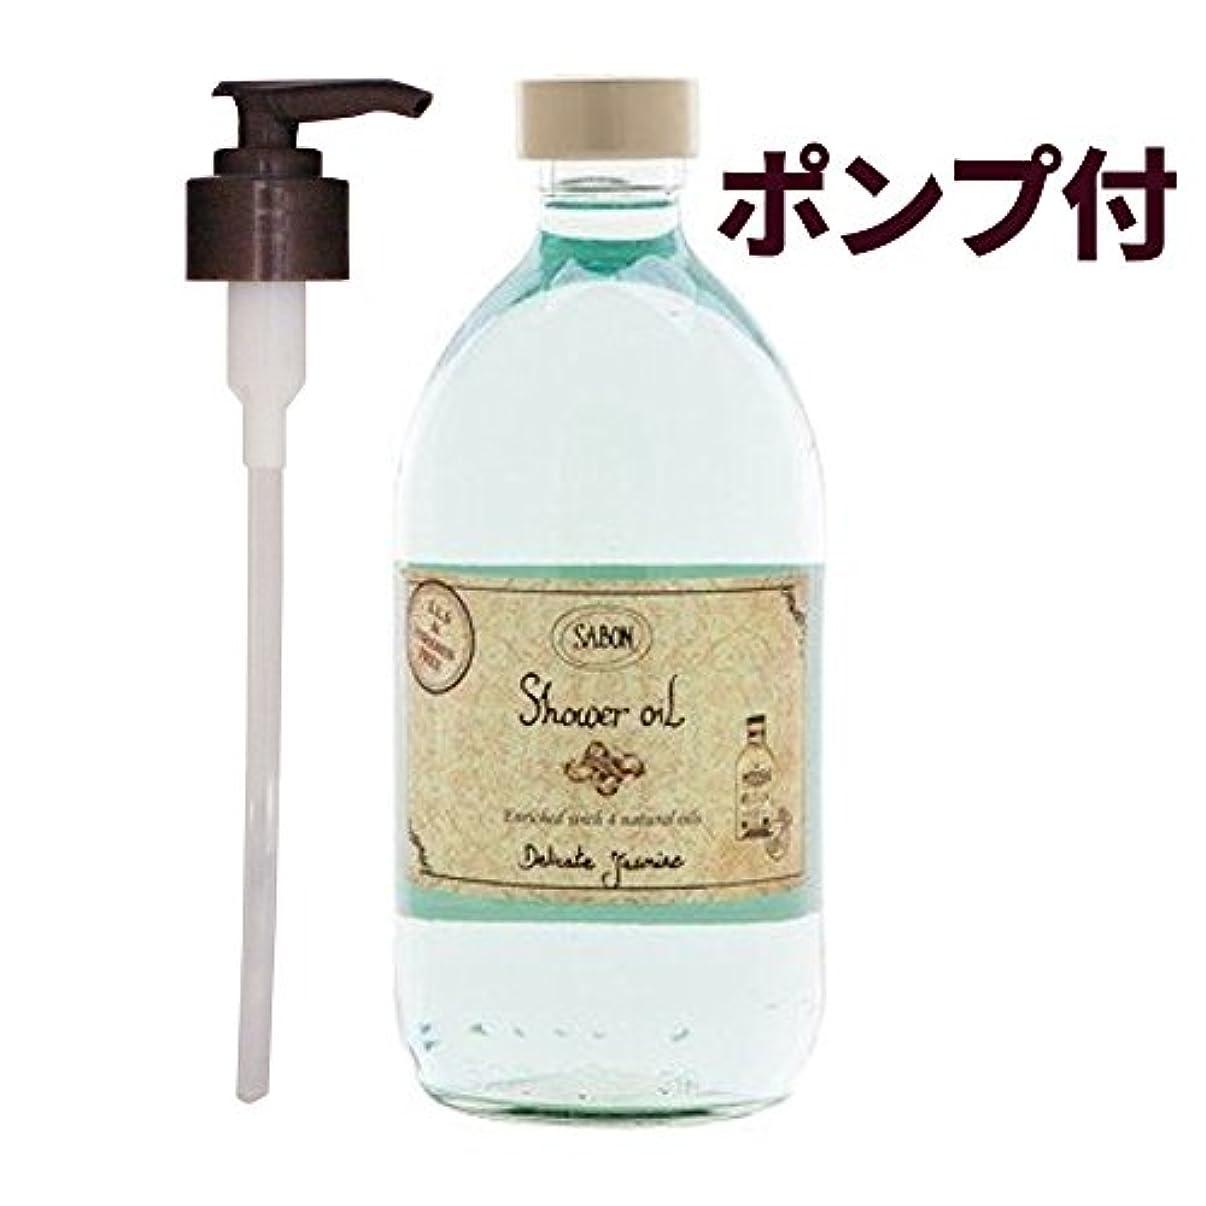 緩める駐地ヒギンズサボン シャワーオイル デリケートジャスミン500ml(並行輸入品)